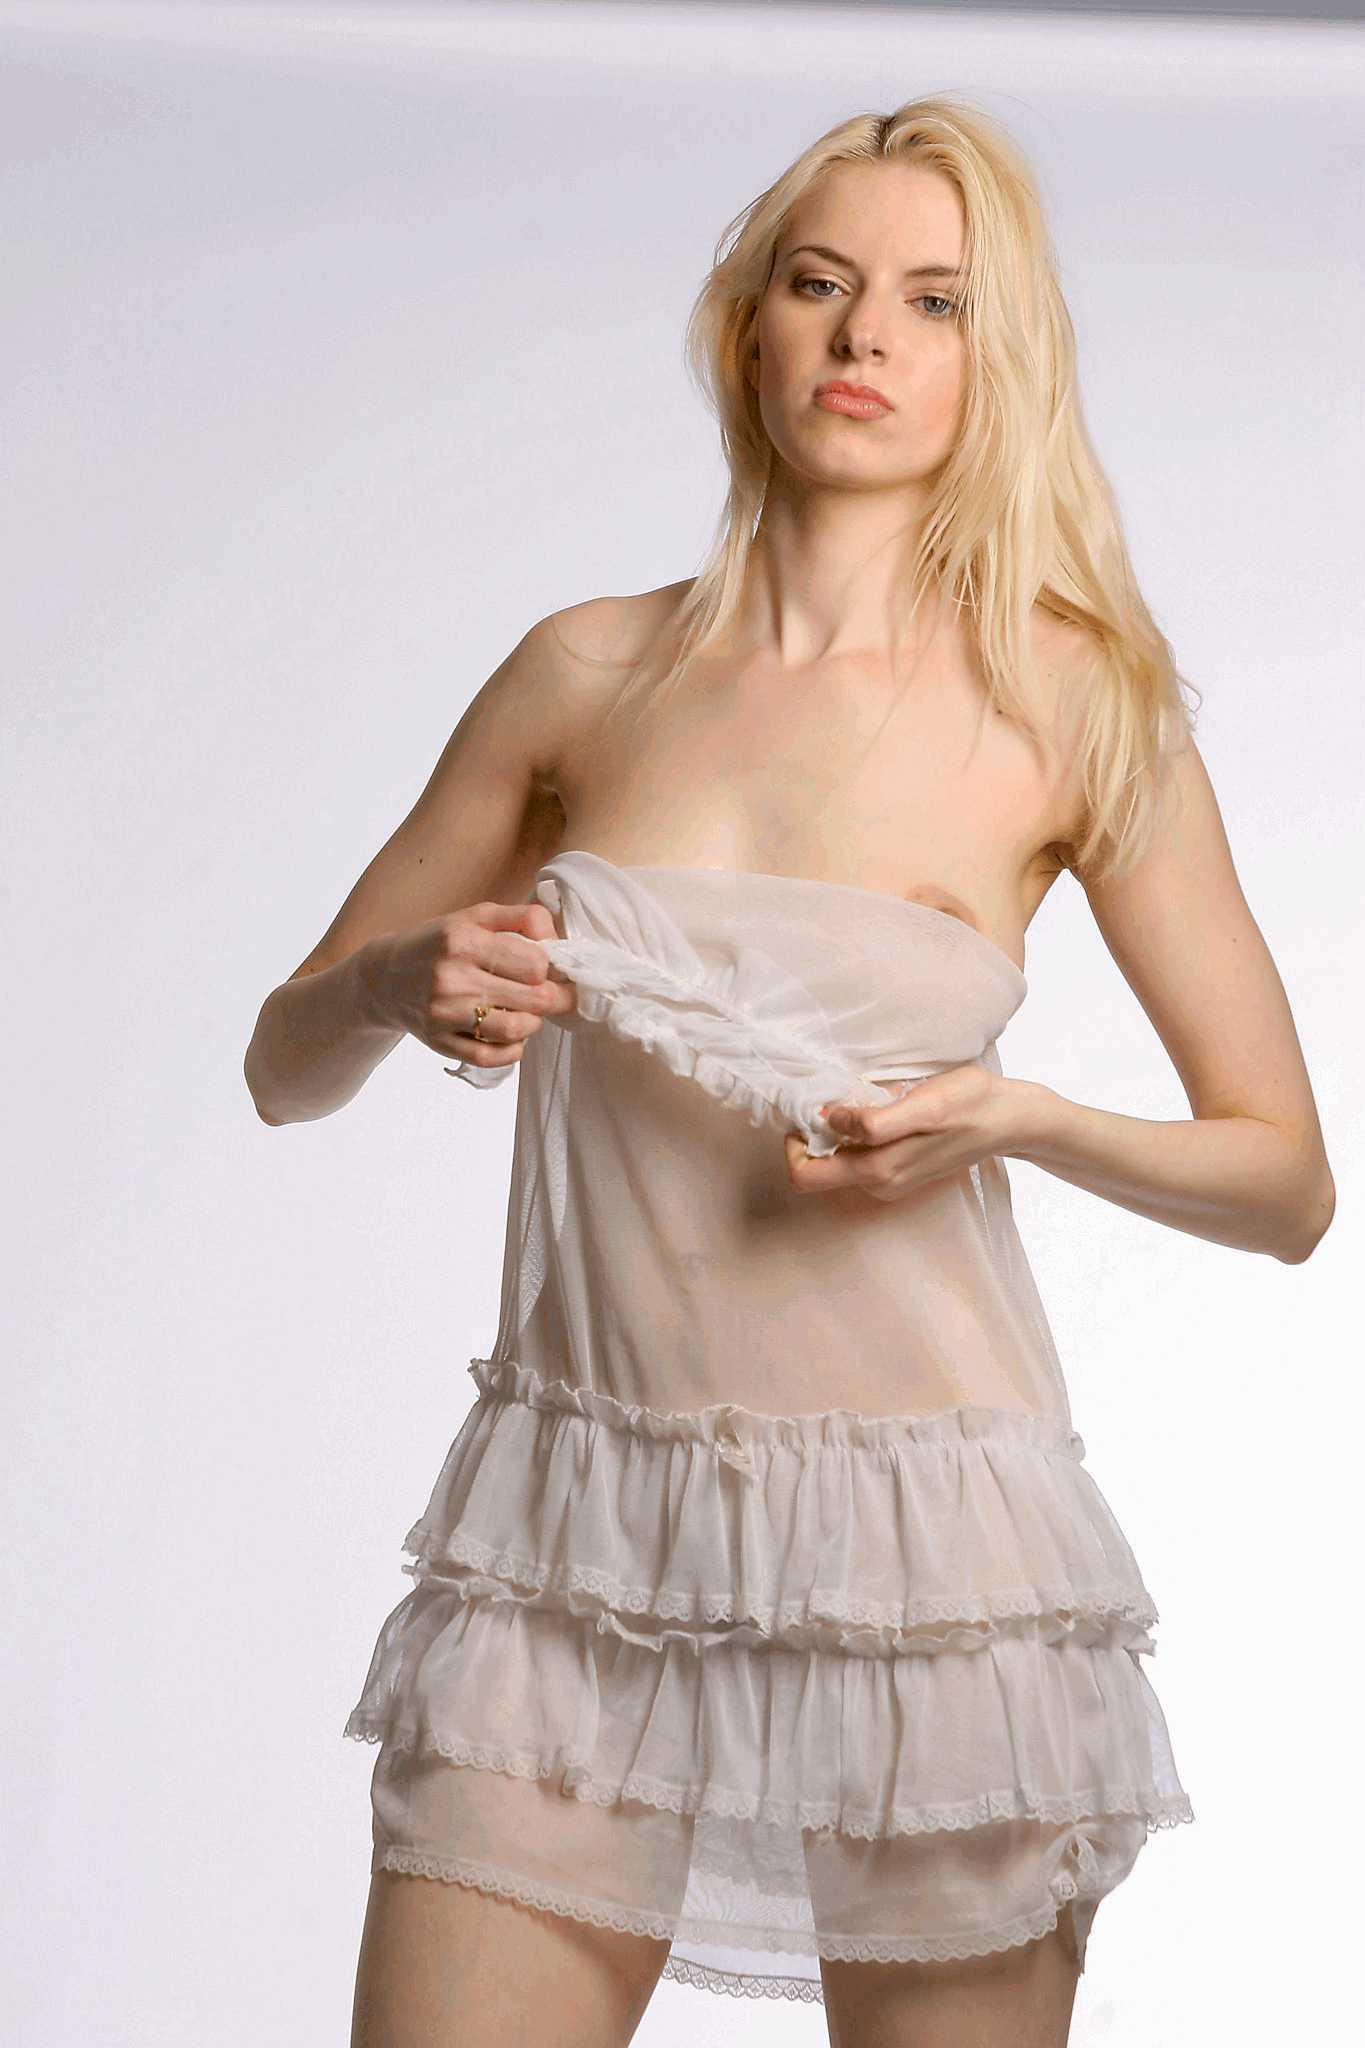 Через платье видно сиськи 3 фотография